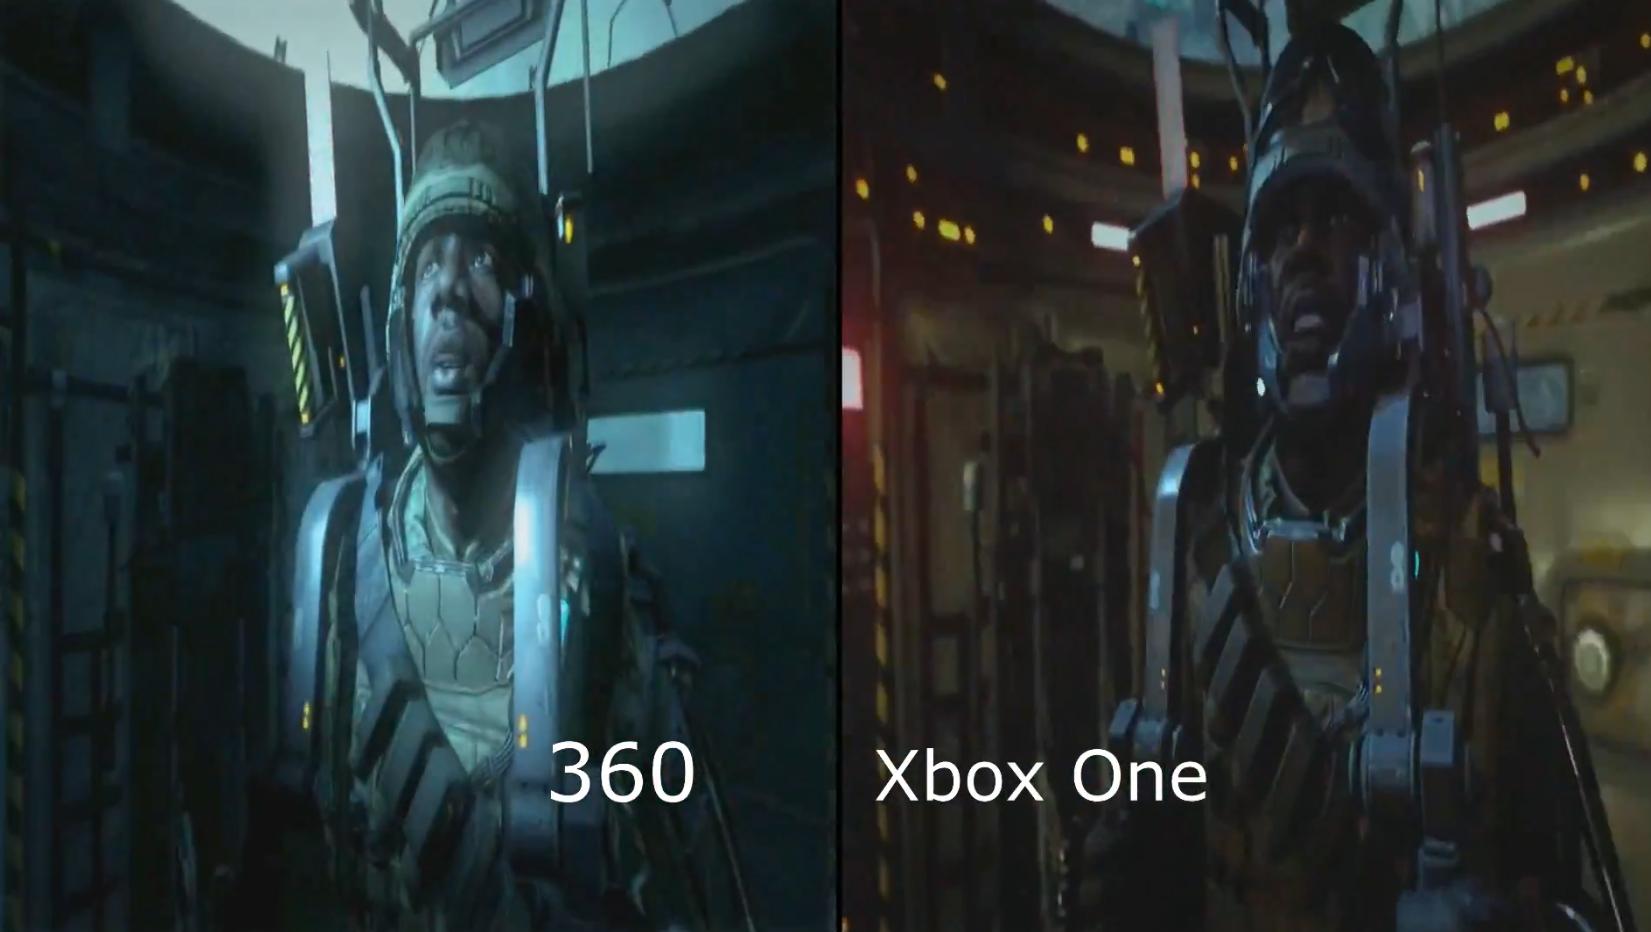 Call of Duty Advanced Warfare xbox one vs xbox 360